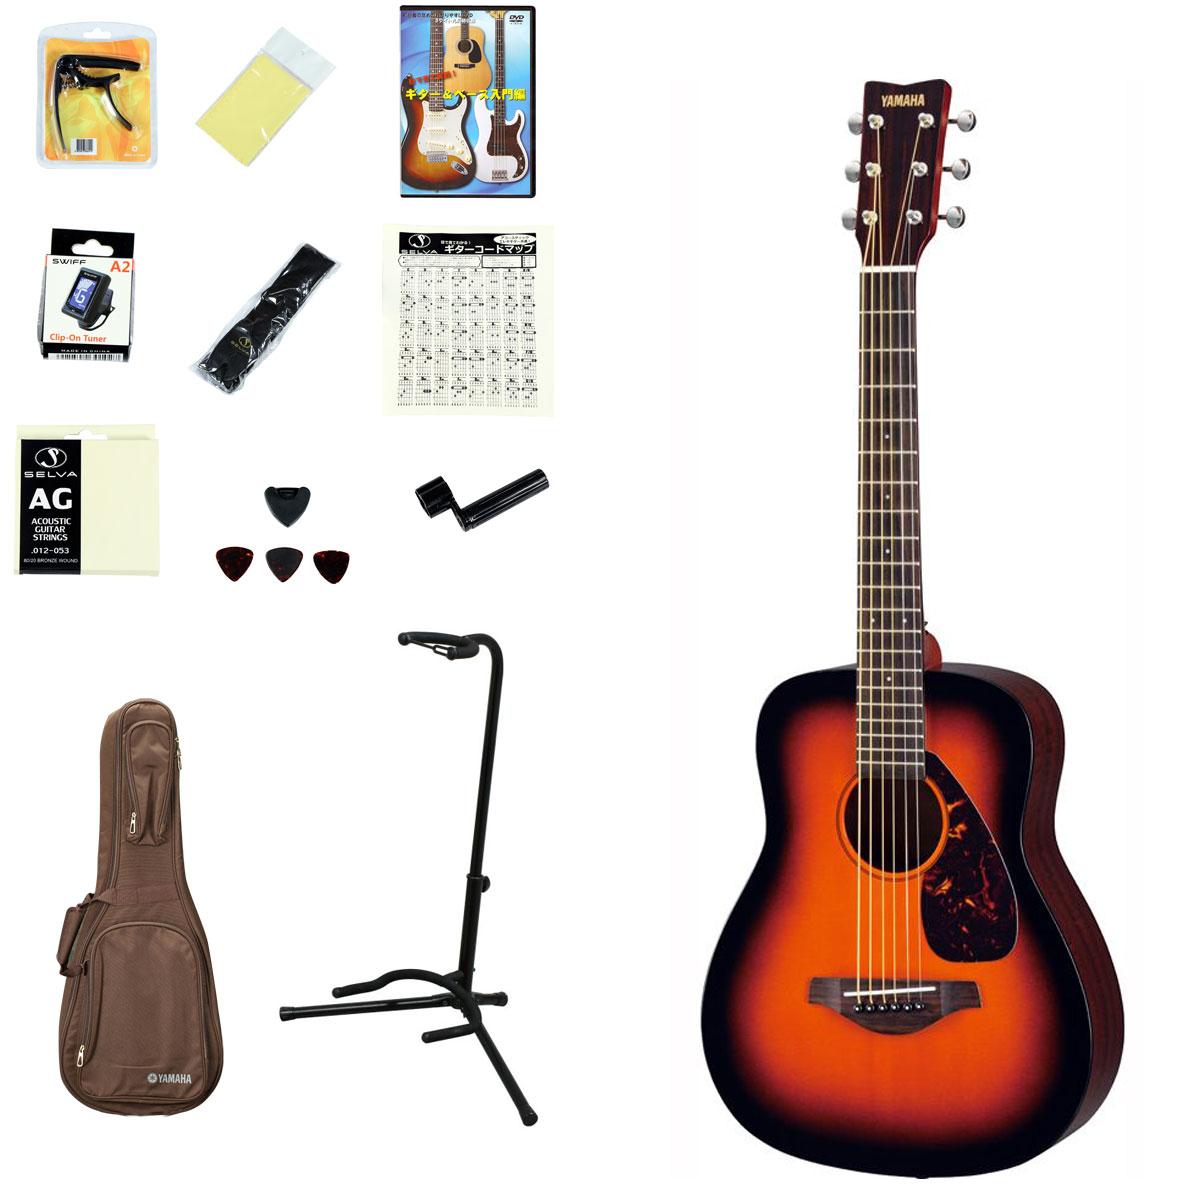 YAMAHA / JR2S TBS(タバコブラウンサンバースト) 【ミニギター14点入門セット!】 ヤマハ アコースティックギター アコギ JR-2S【YRK】